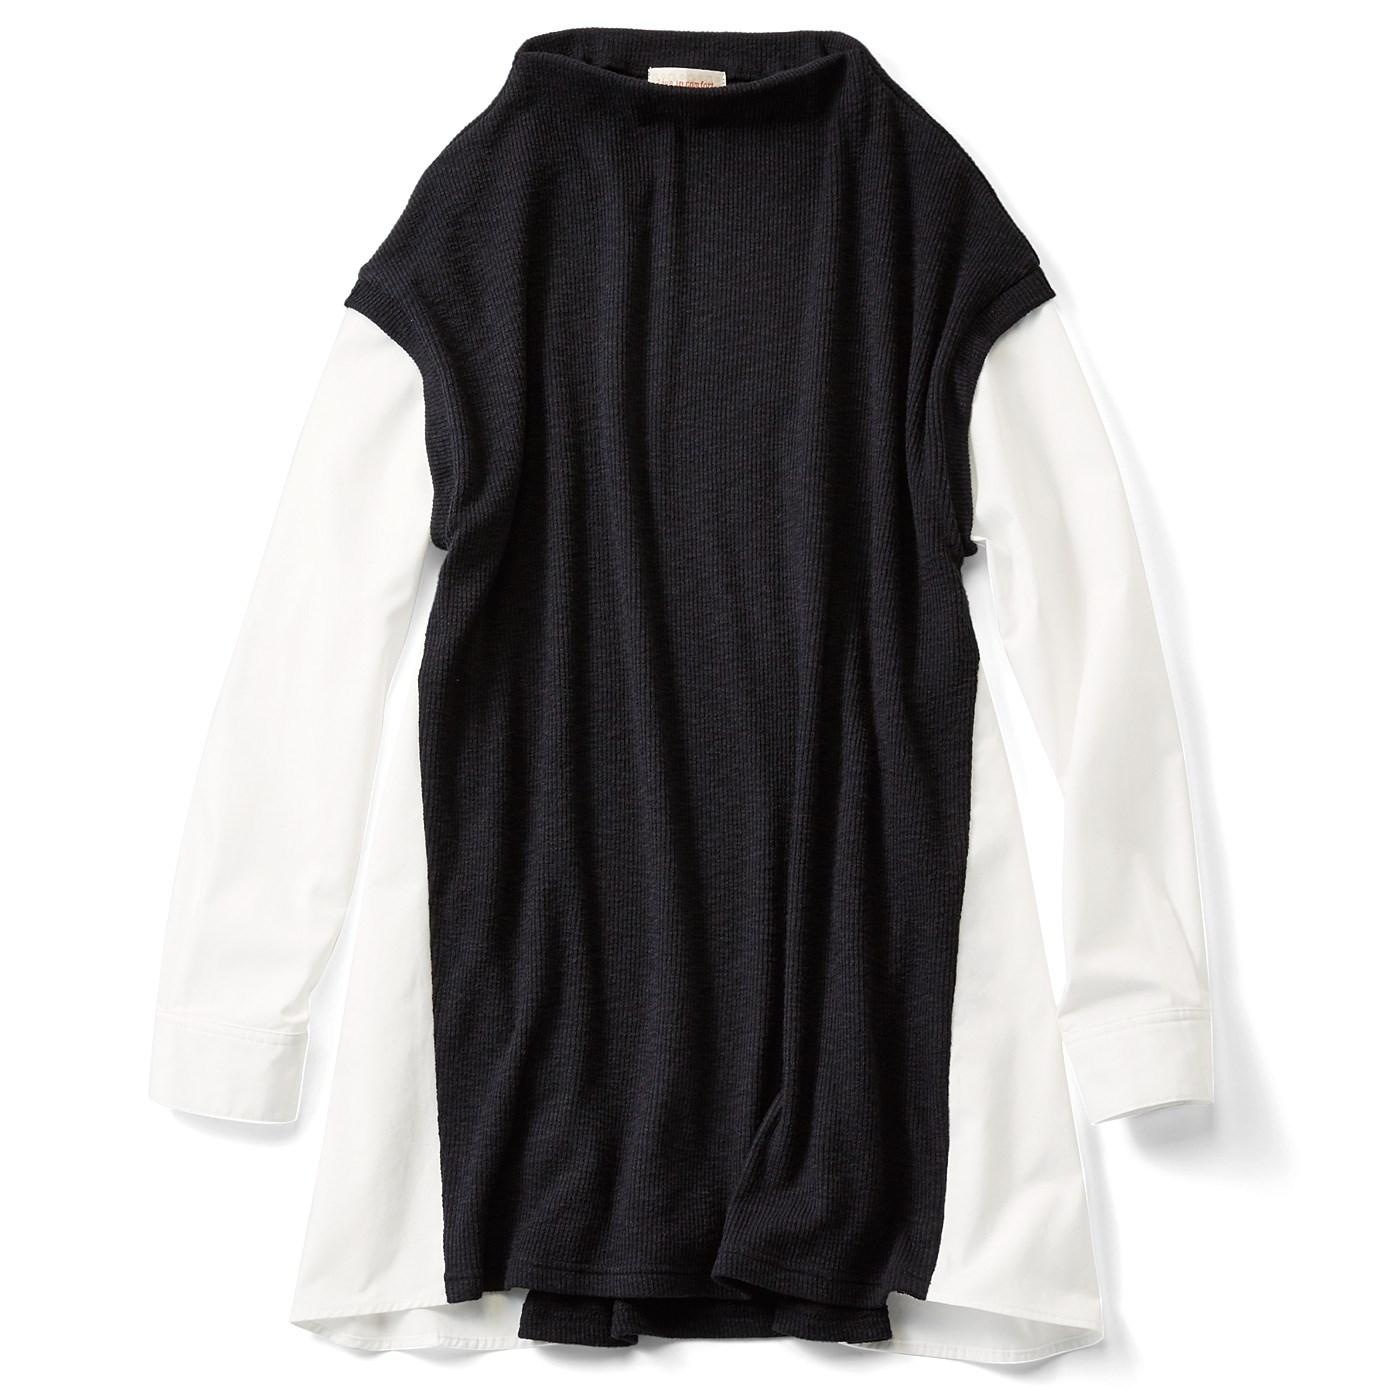 【3~10日でお届け】リブ イン コンフォート きちんと大人感 ニット見え素材とシャツの重ね着風ドッキングチュニック〈ブラック〉